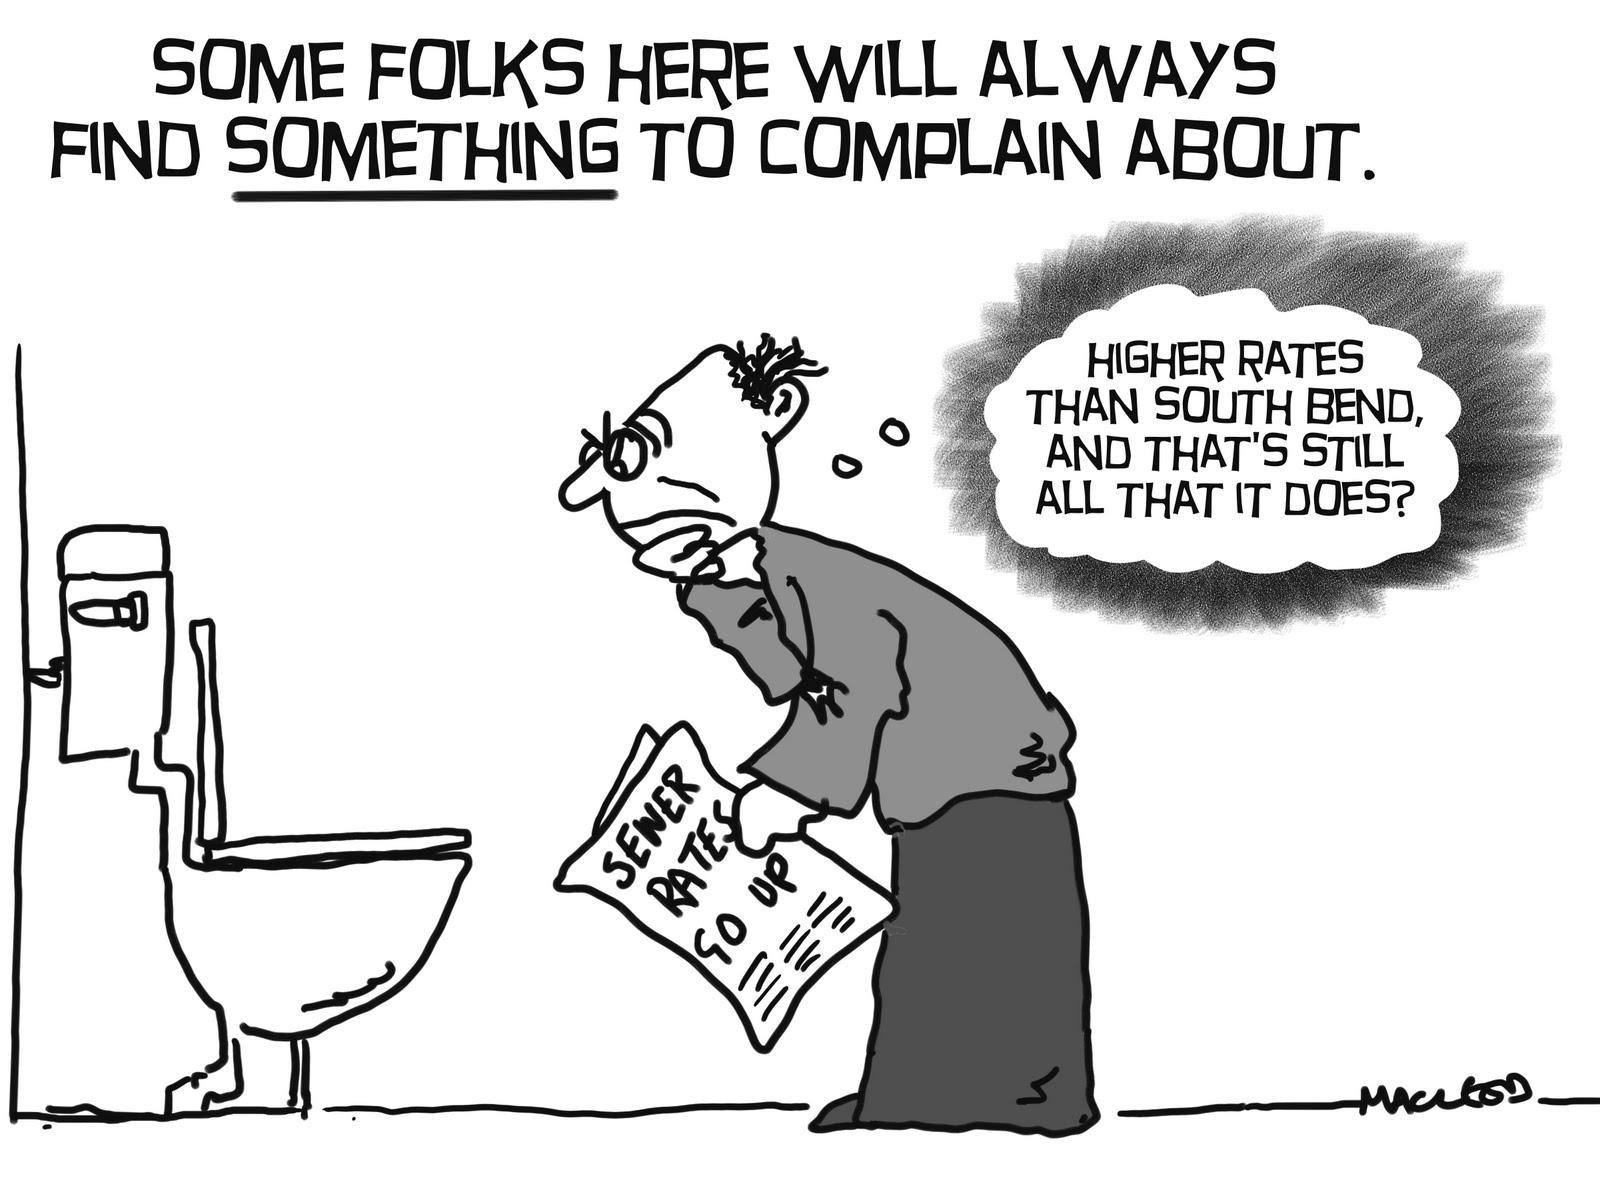 MacLeod Cartoons June 2010